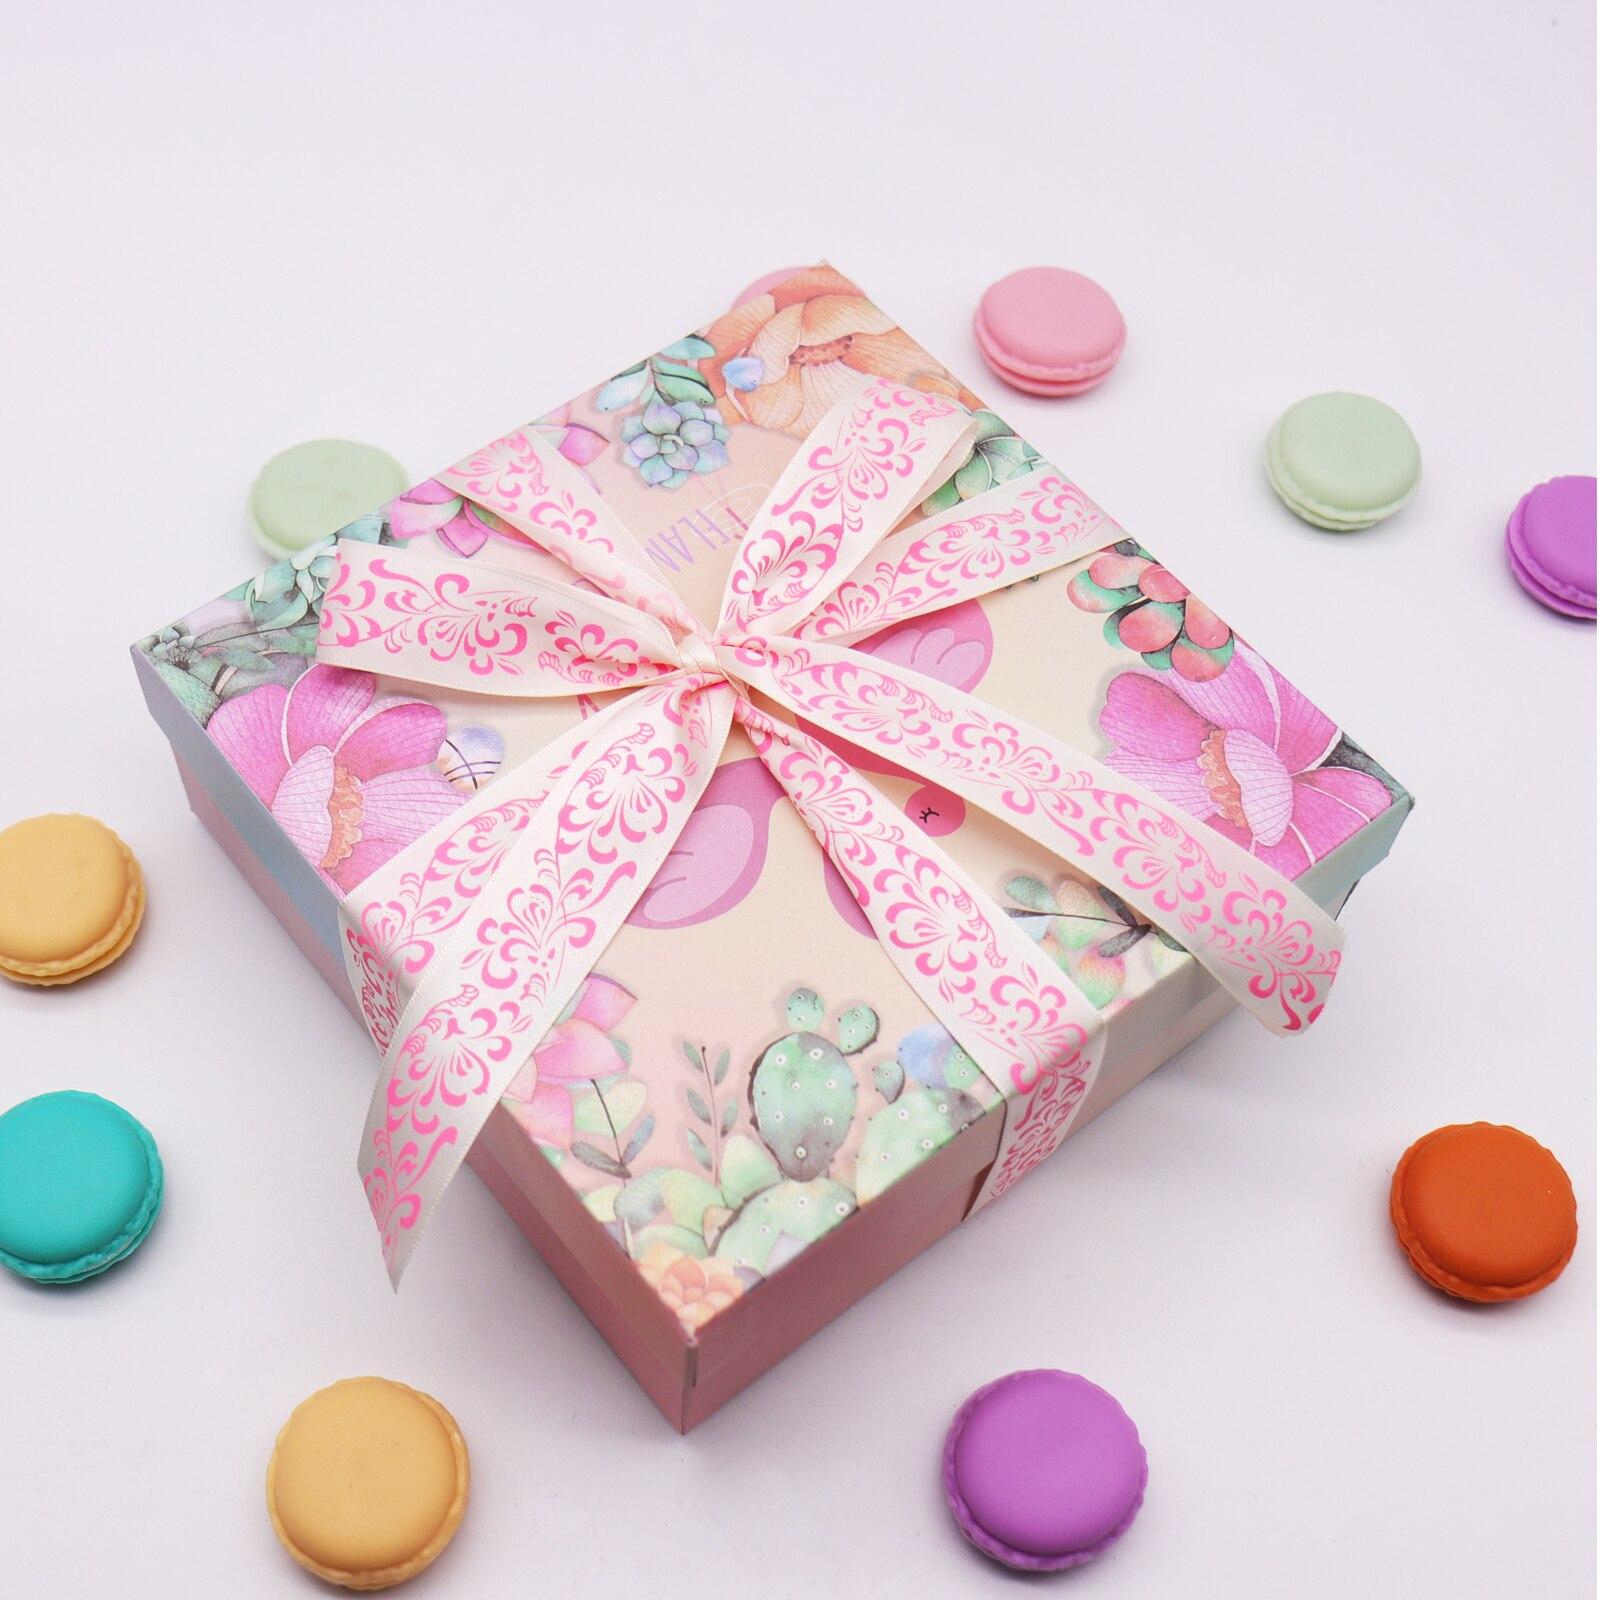 Aeromdale Silikon Schokolade Fondant Kuchen dekorieren rund Perlen Blasen Form Form